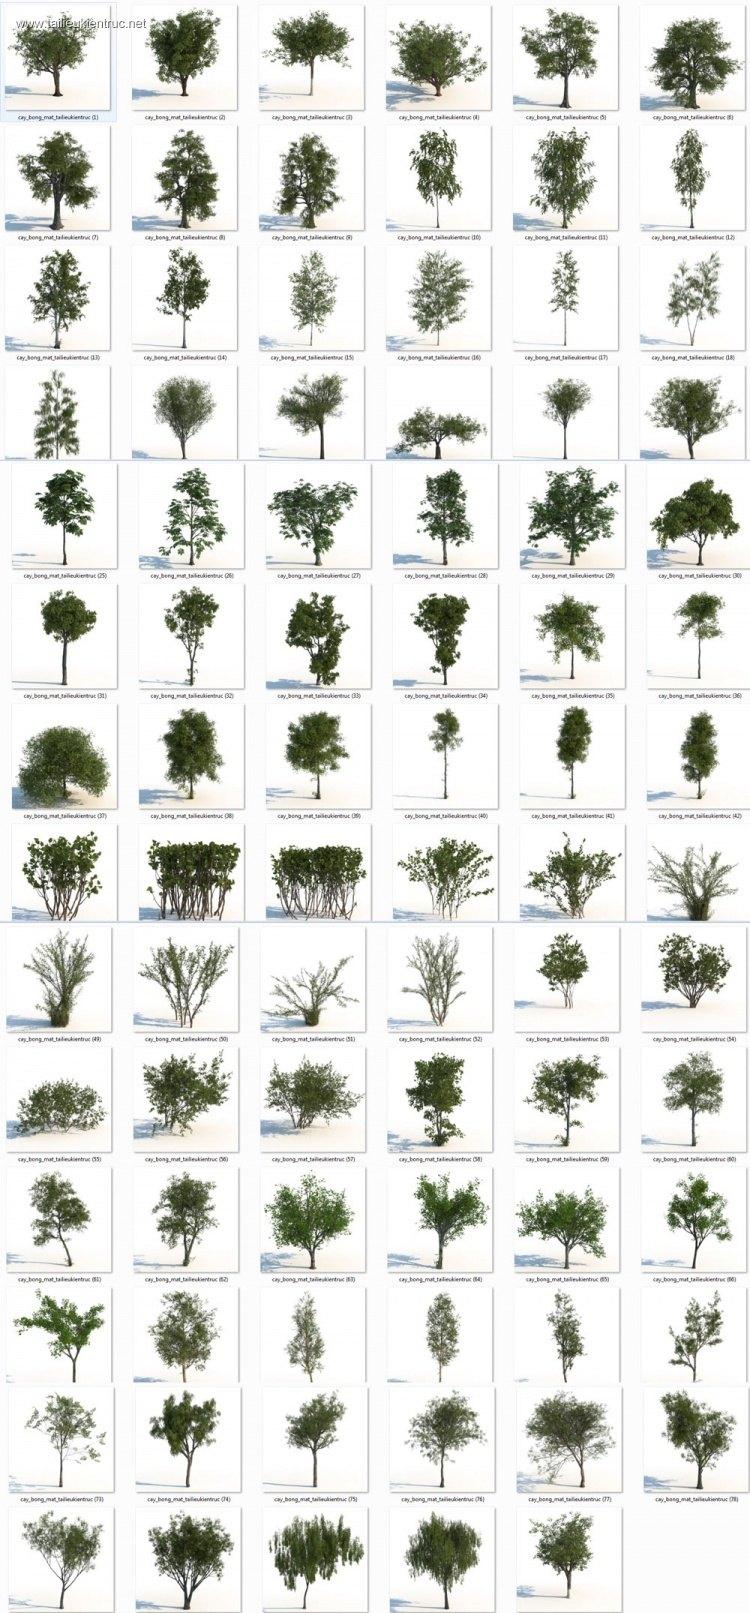 Thư viện 3dsmax gồm 83 model cây Icube rất đẹp và chất lượng Full download